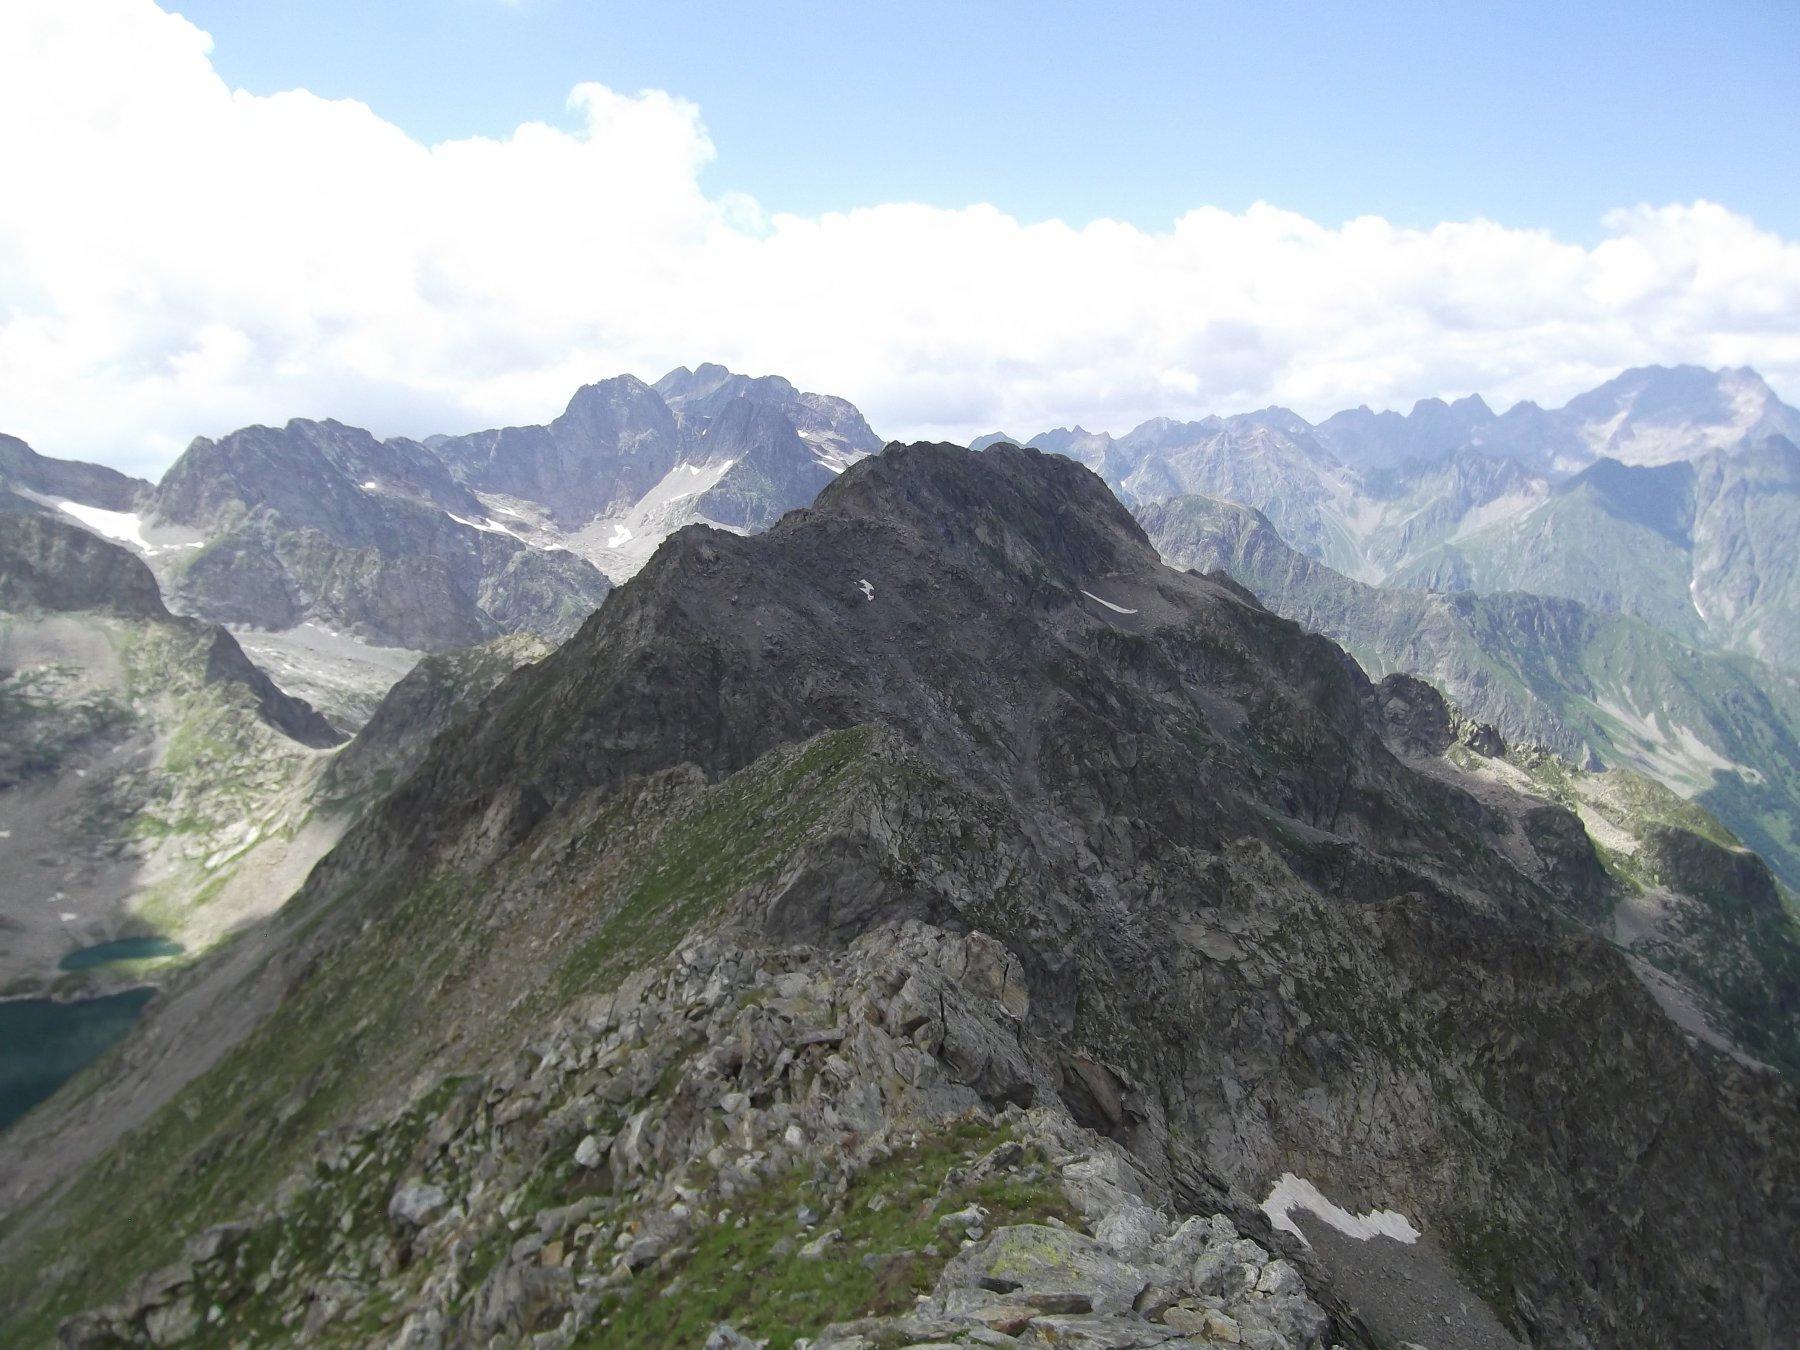 La cresta percorsa dalla Cima di Vernasca.